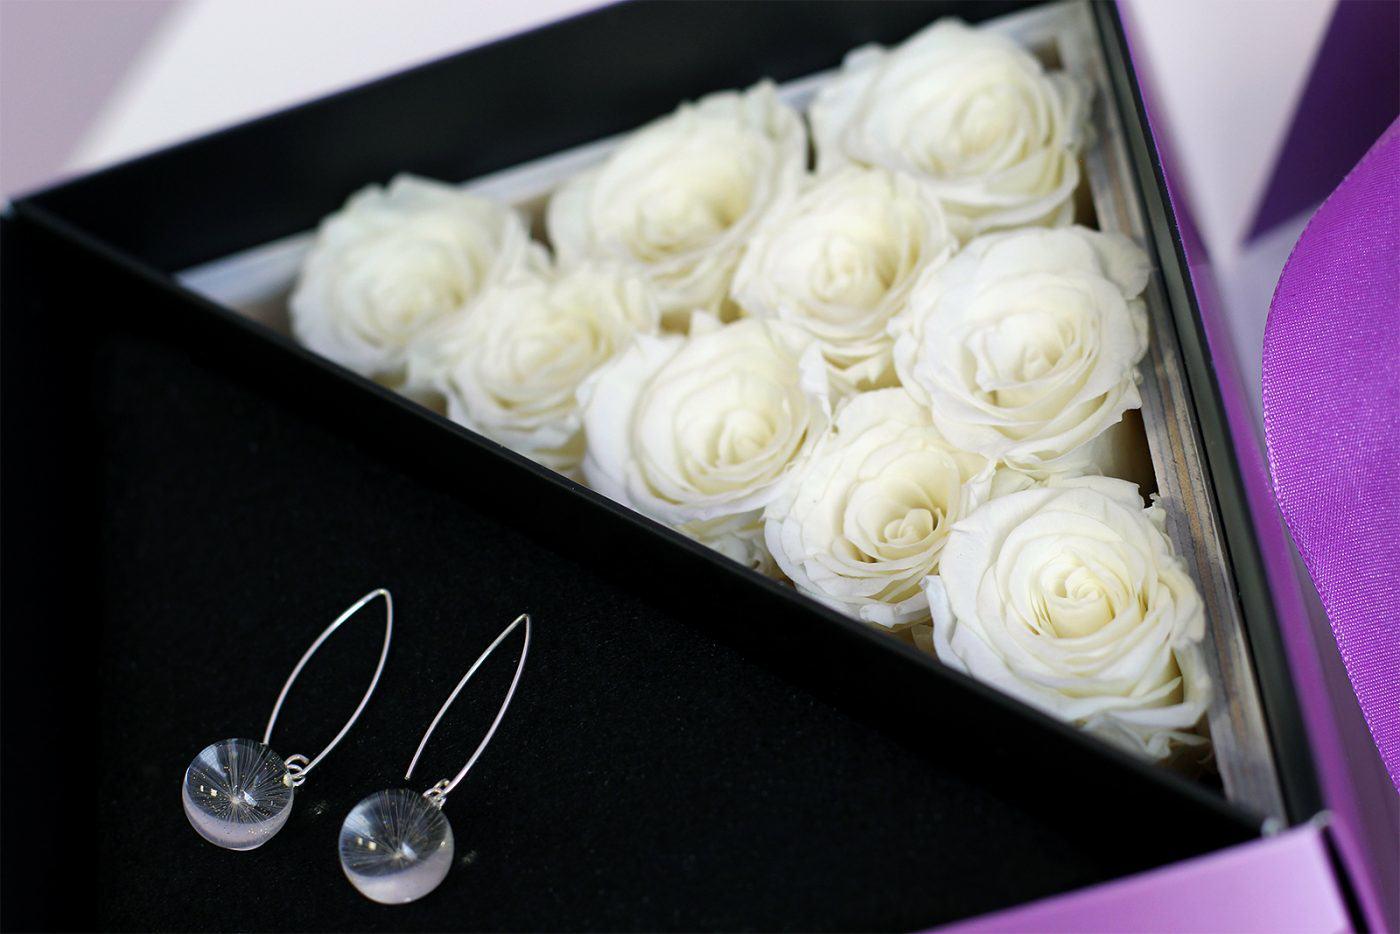 Róże wieczne plus oryginalne kolczyki to idealne połączenie